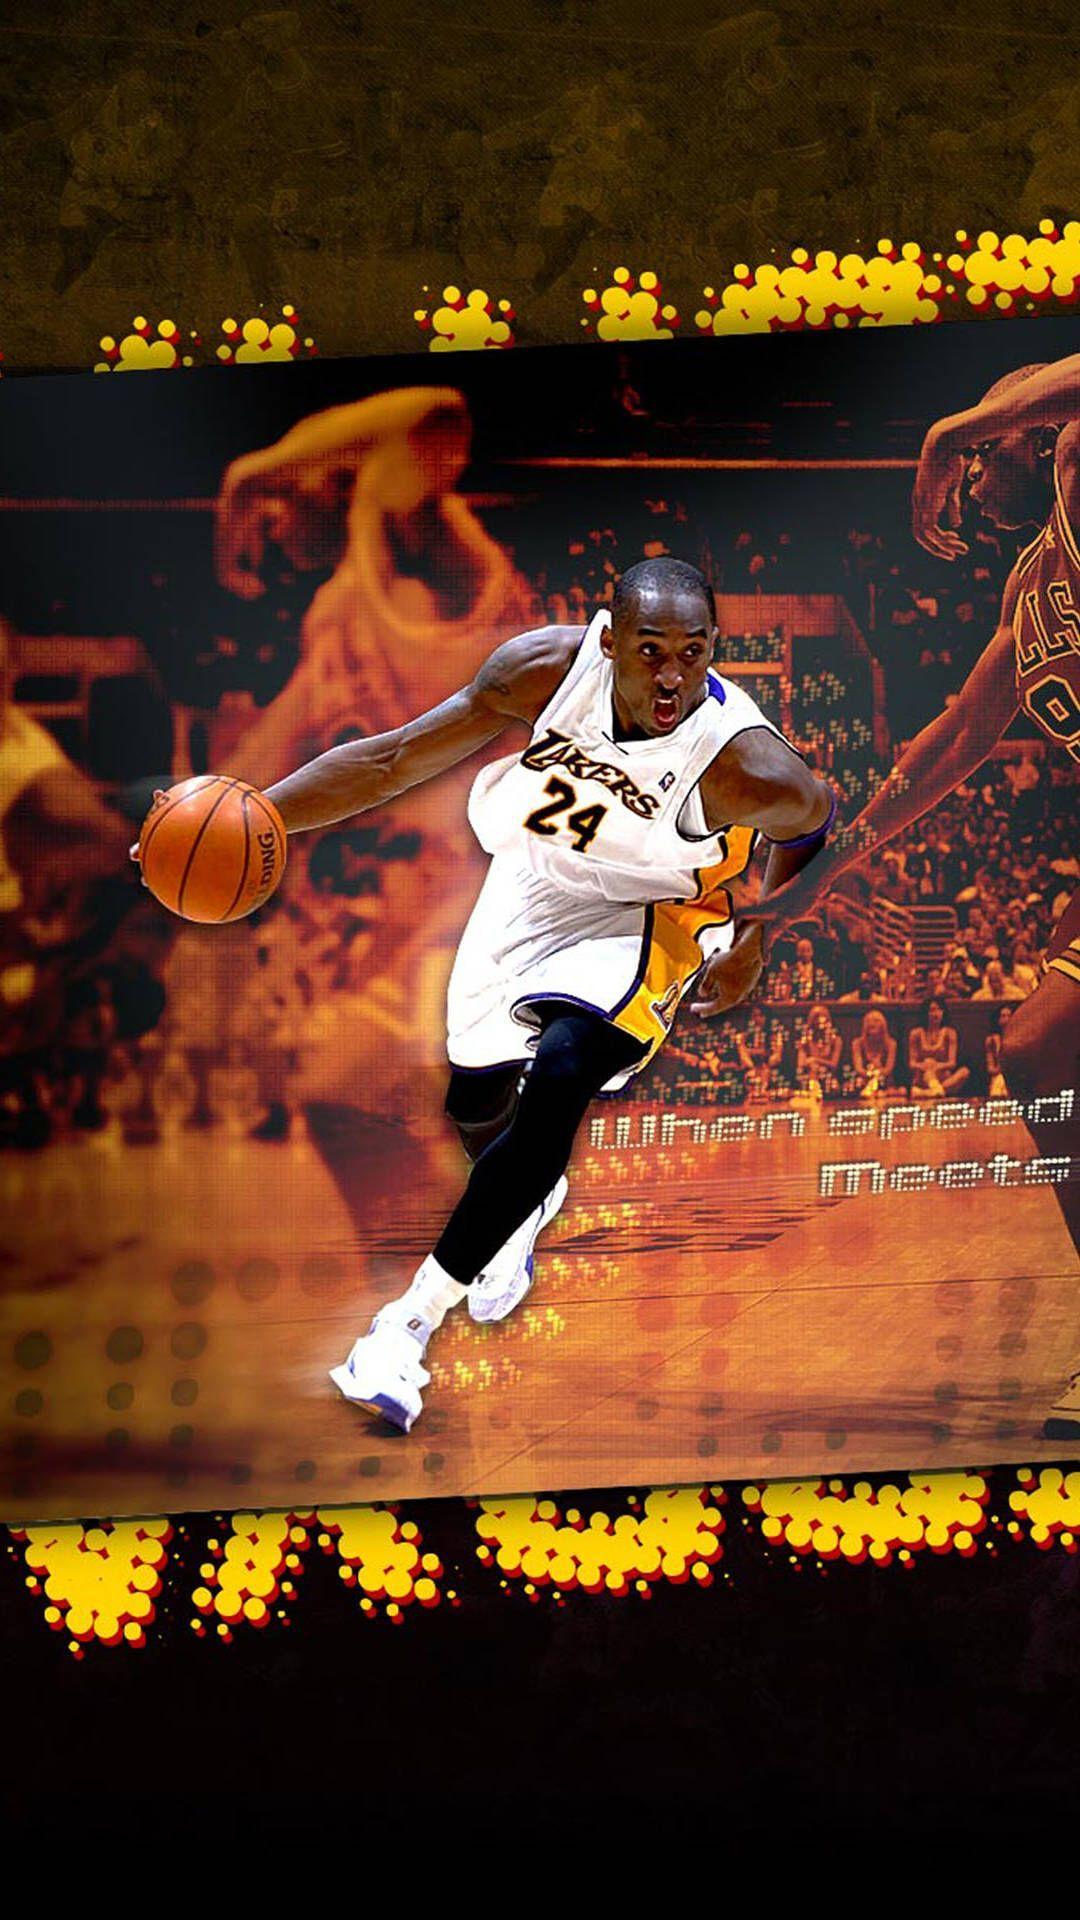 Black Mamba Kobe Bryant Wallpaper Iphone black mamba